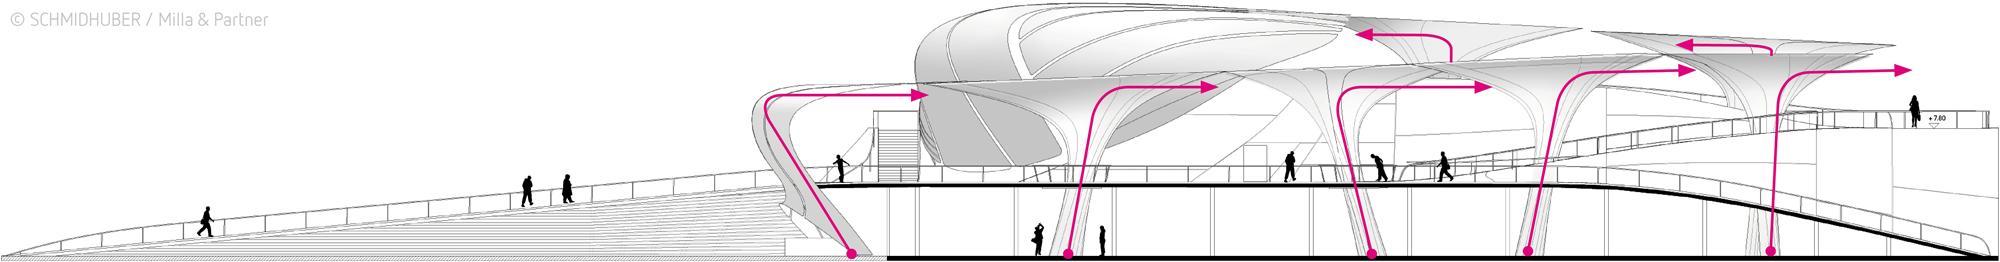 mf-expo-concept-pavilion